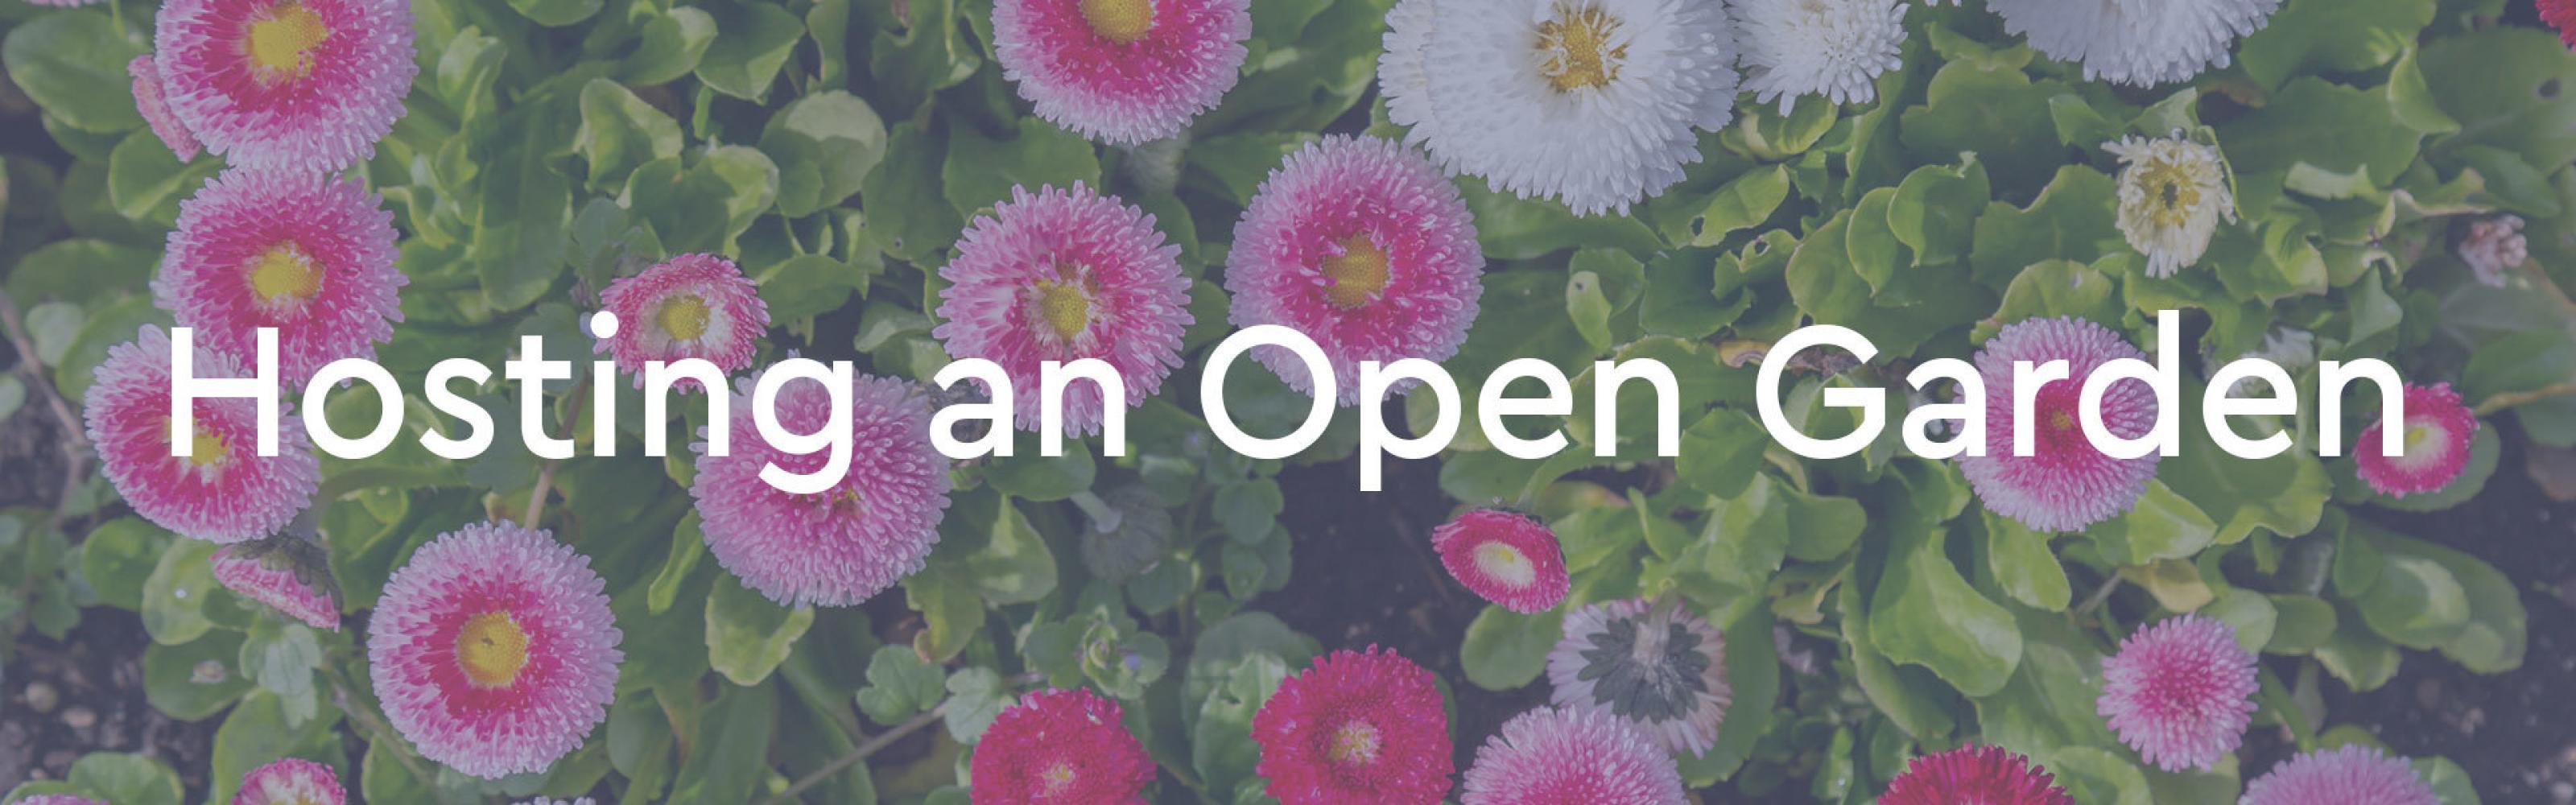 Hosting an Open Garden